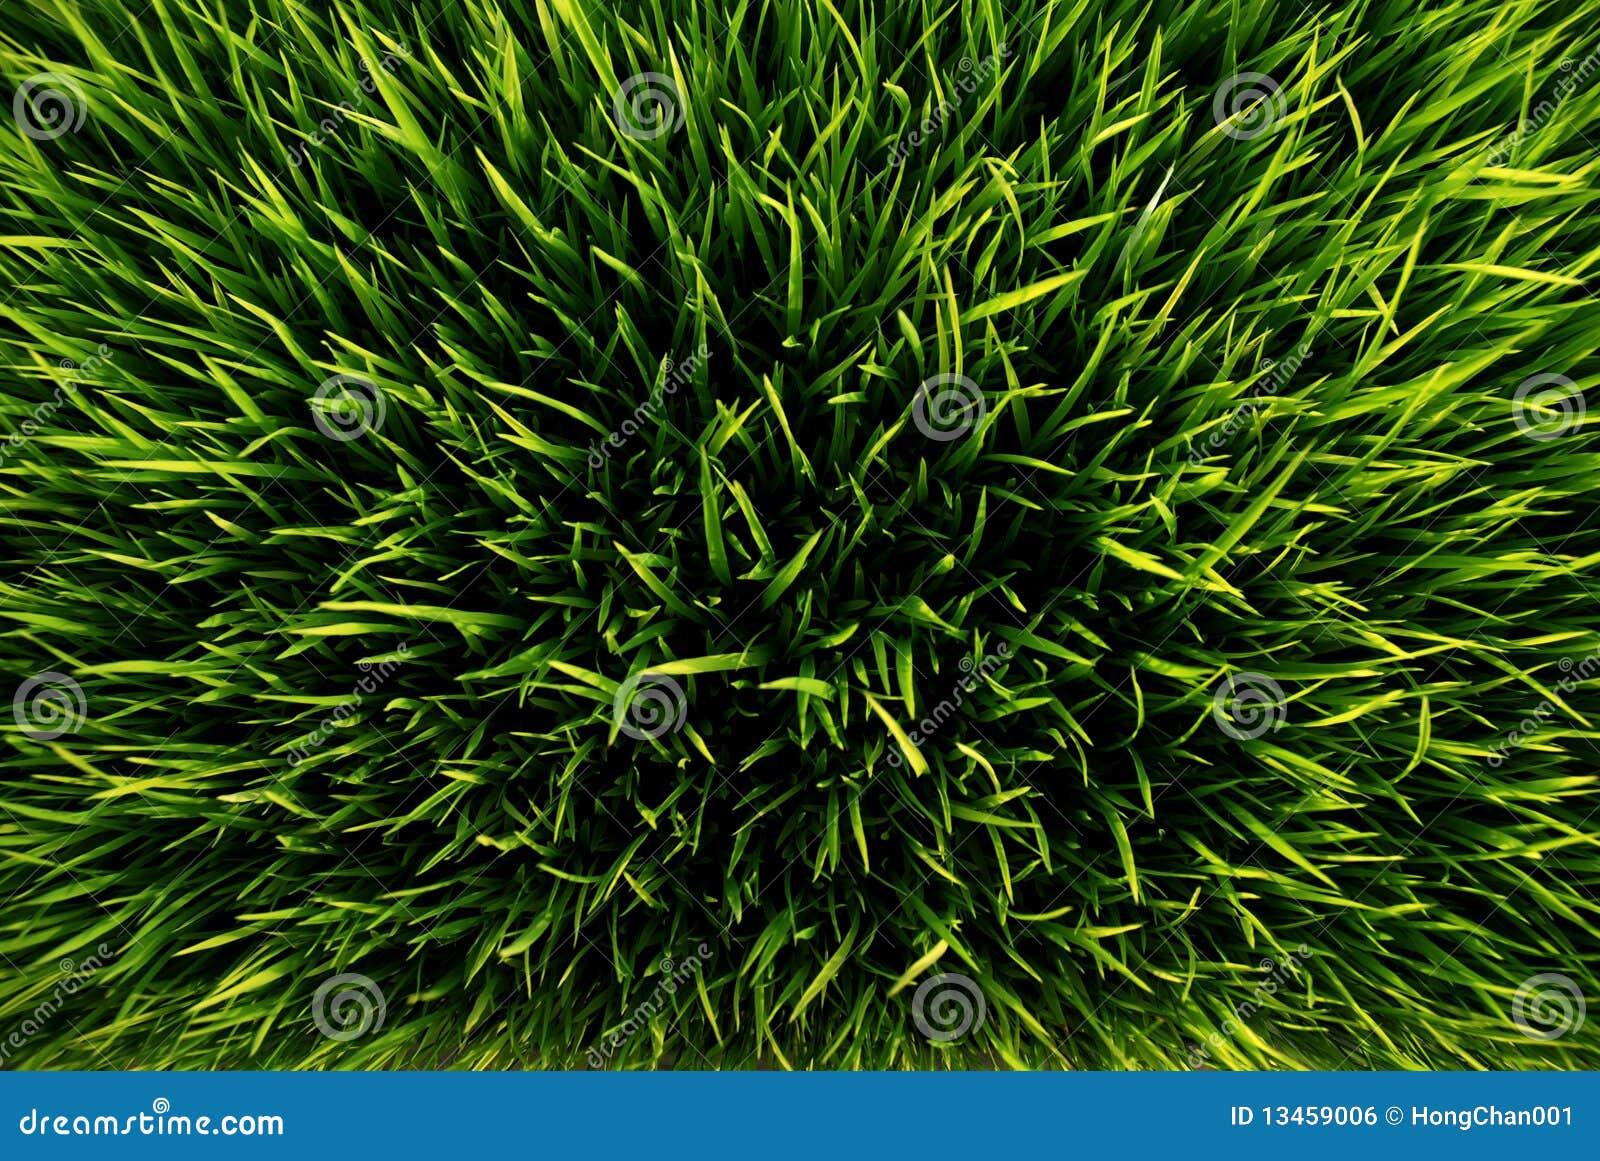 χλόη πράσινη